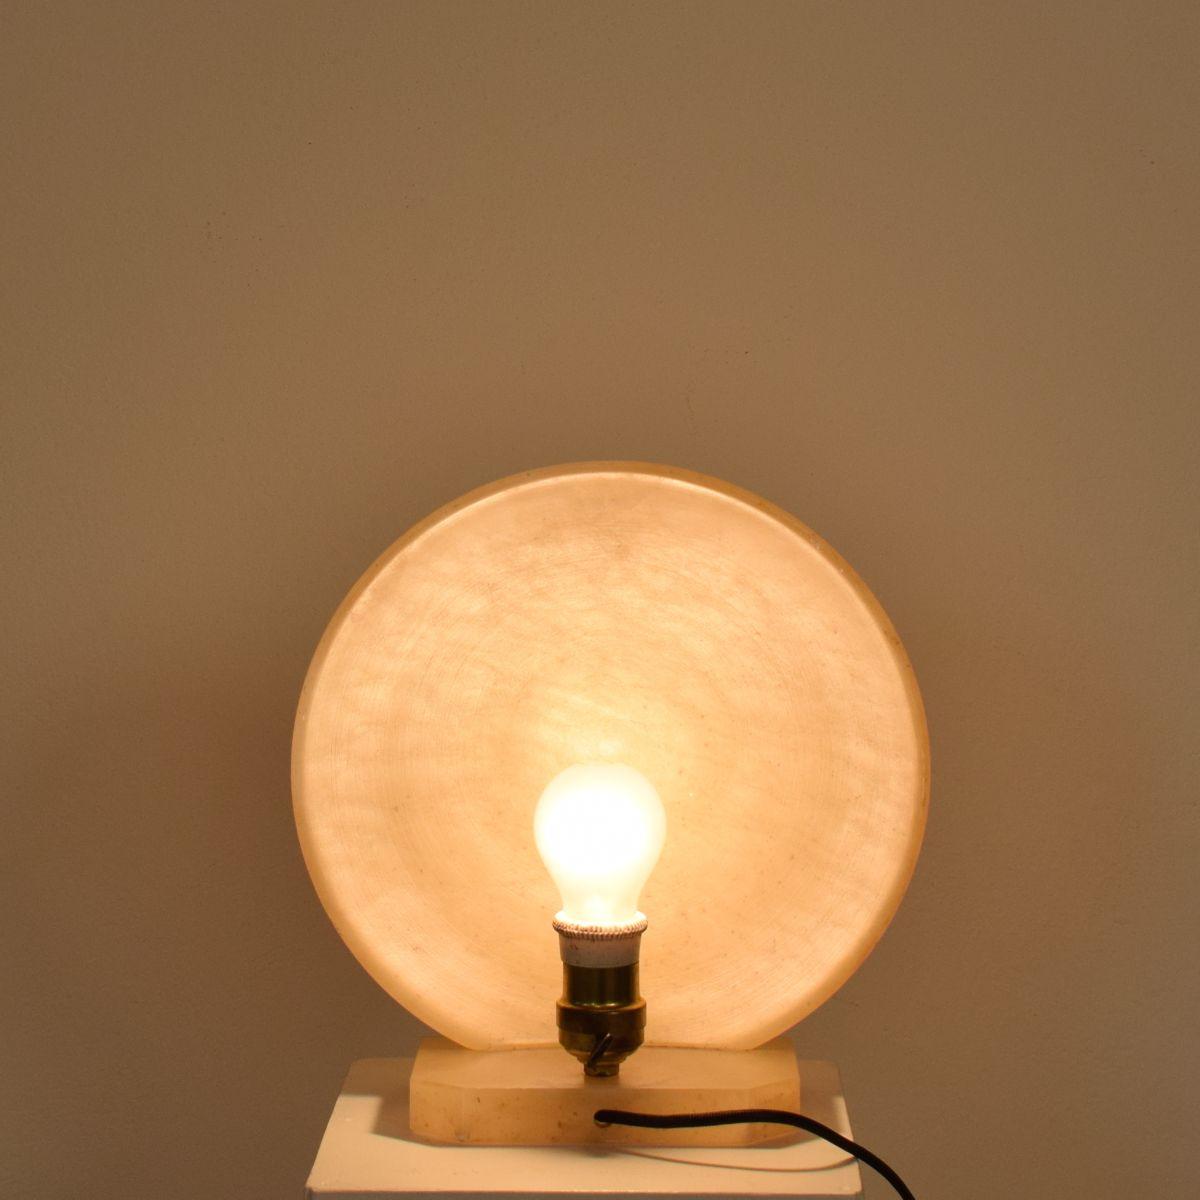 Lampada da tavolo mid century moderna in alabastro anni 39 70 in vendita su pamono - Lampada moderna da tavolo ...